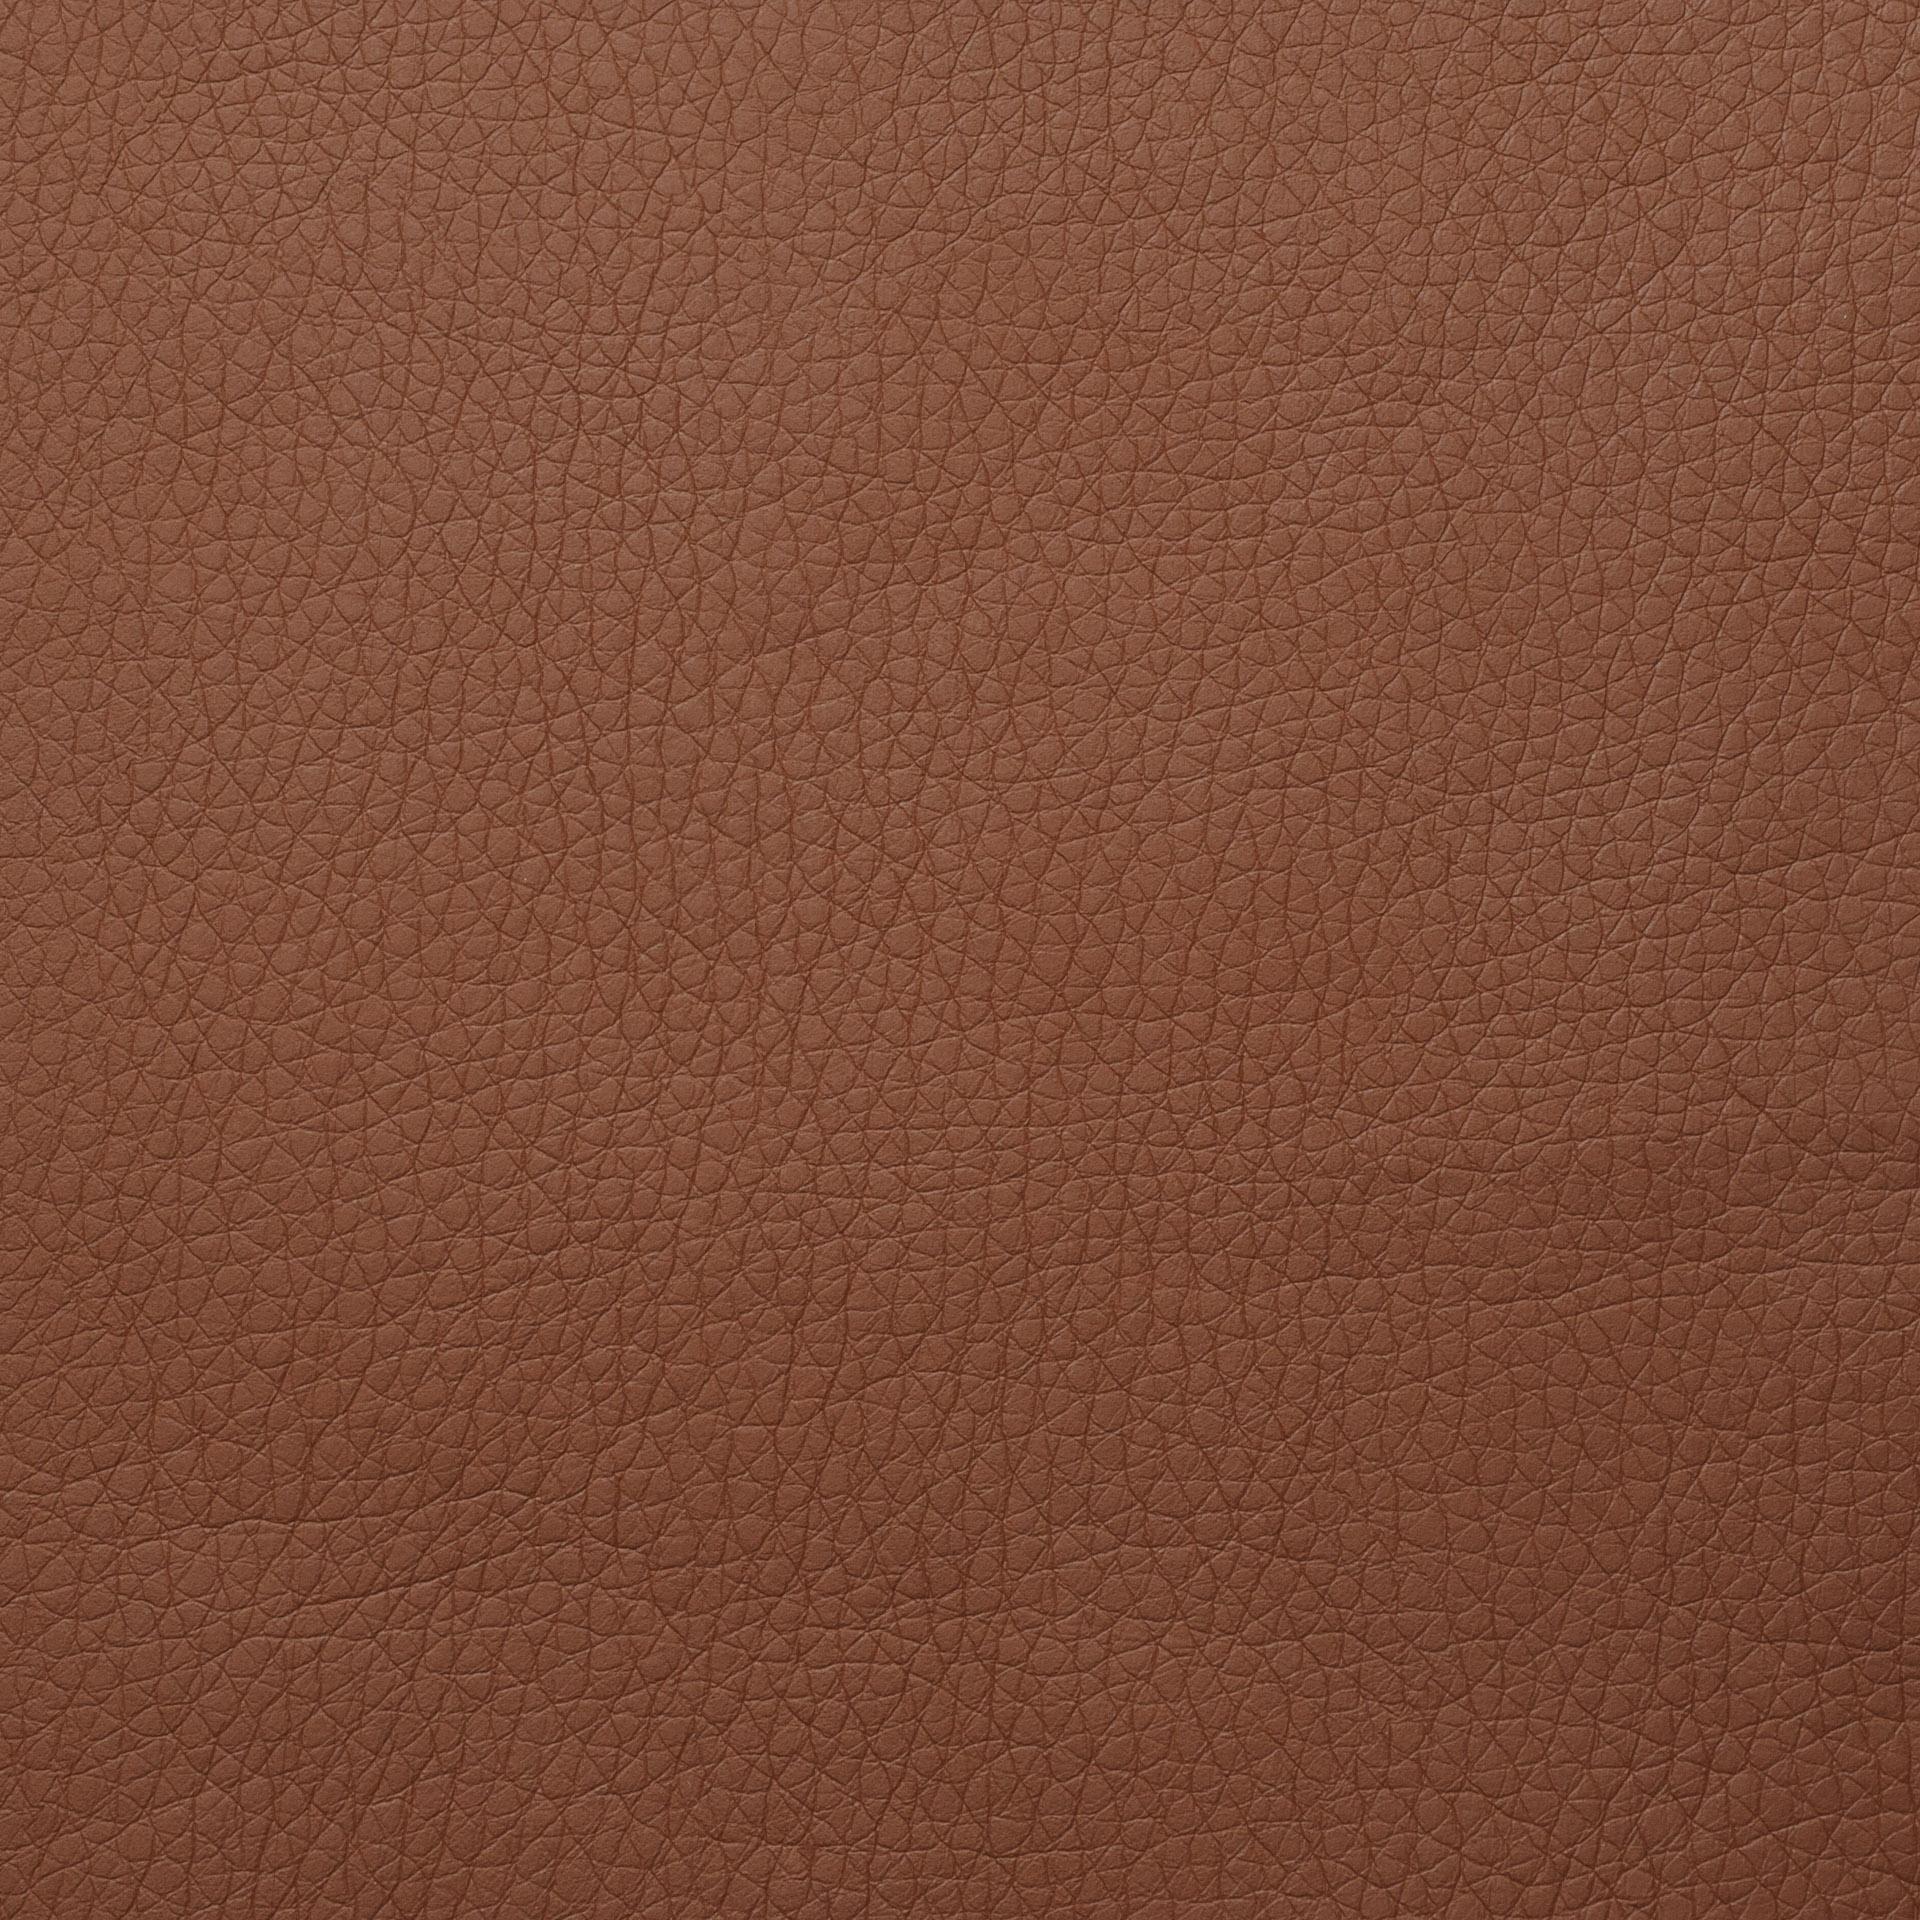 Коллекция ткани Флай 2213,  купить ткань Кож зам для мебели Украина